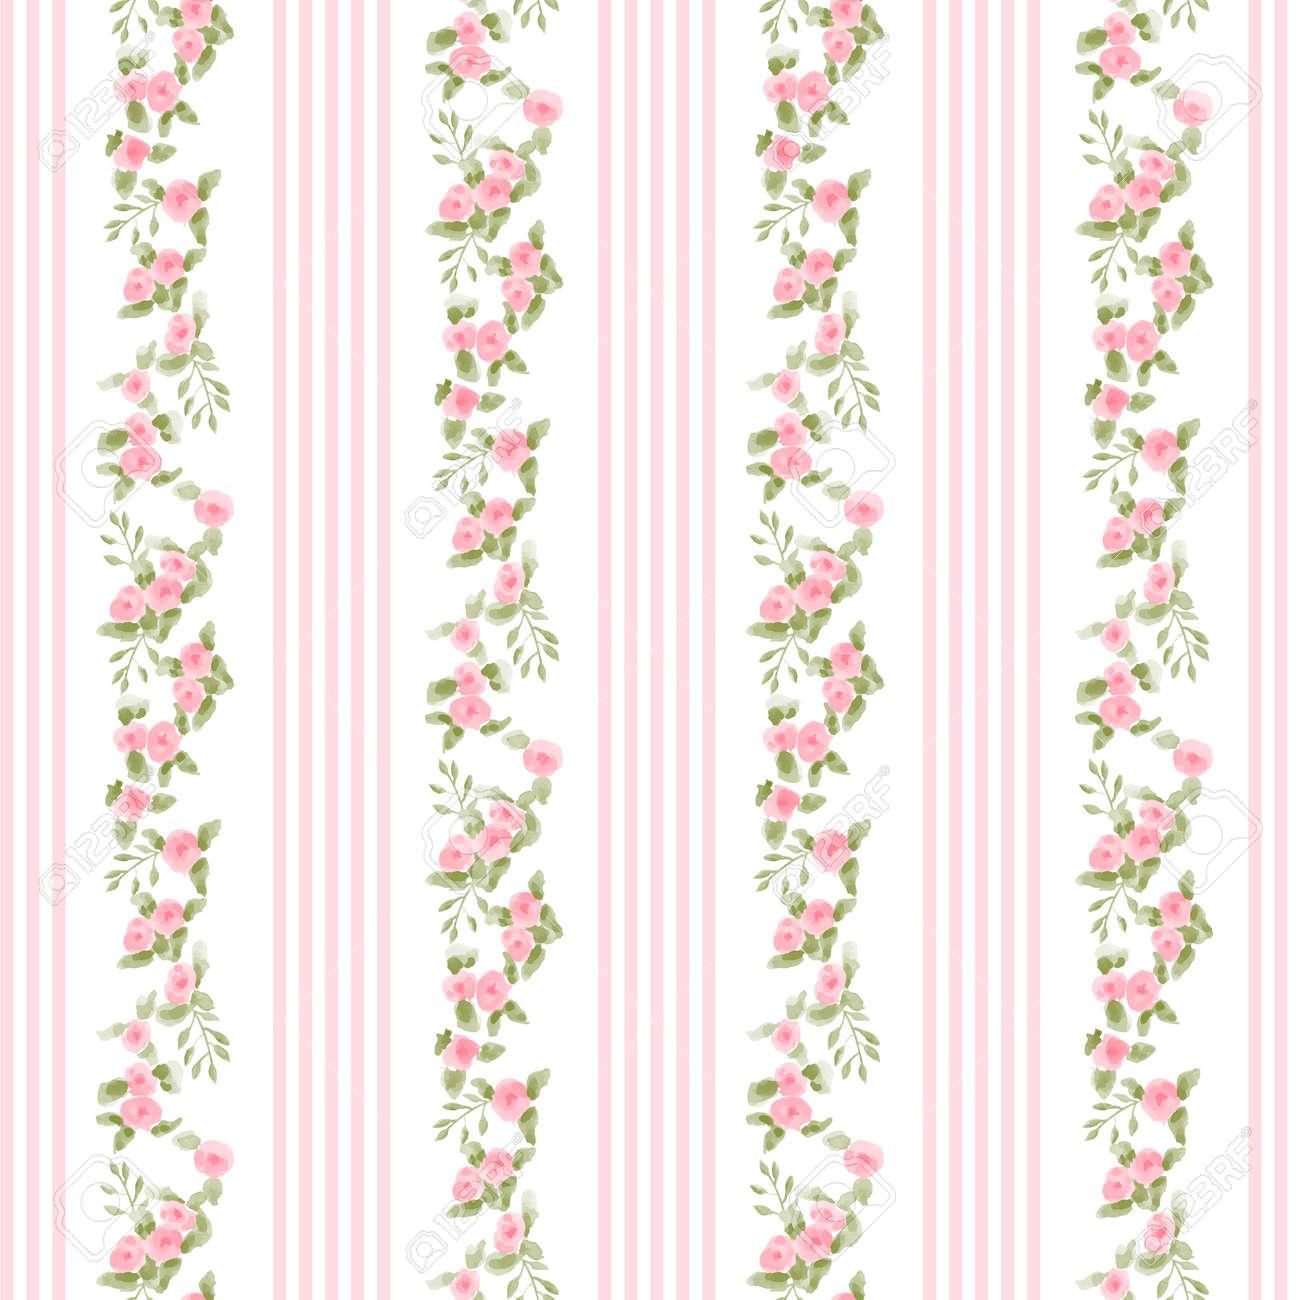 ストライプと花柄を英語 ヴィンテージの花壁紙のイラスト素材 ベクタ